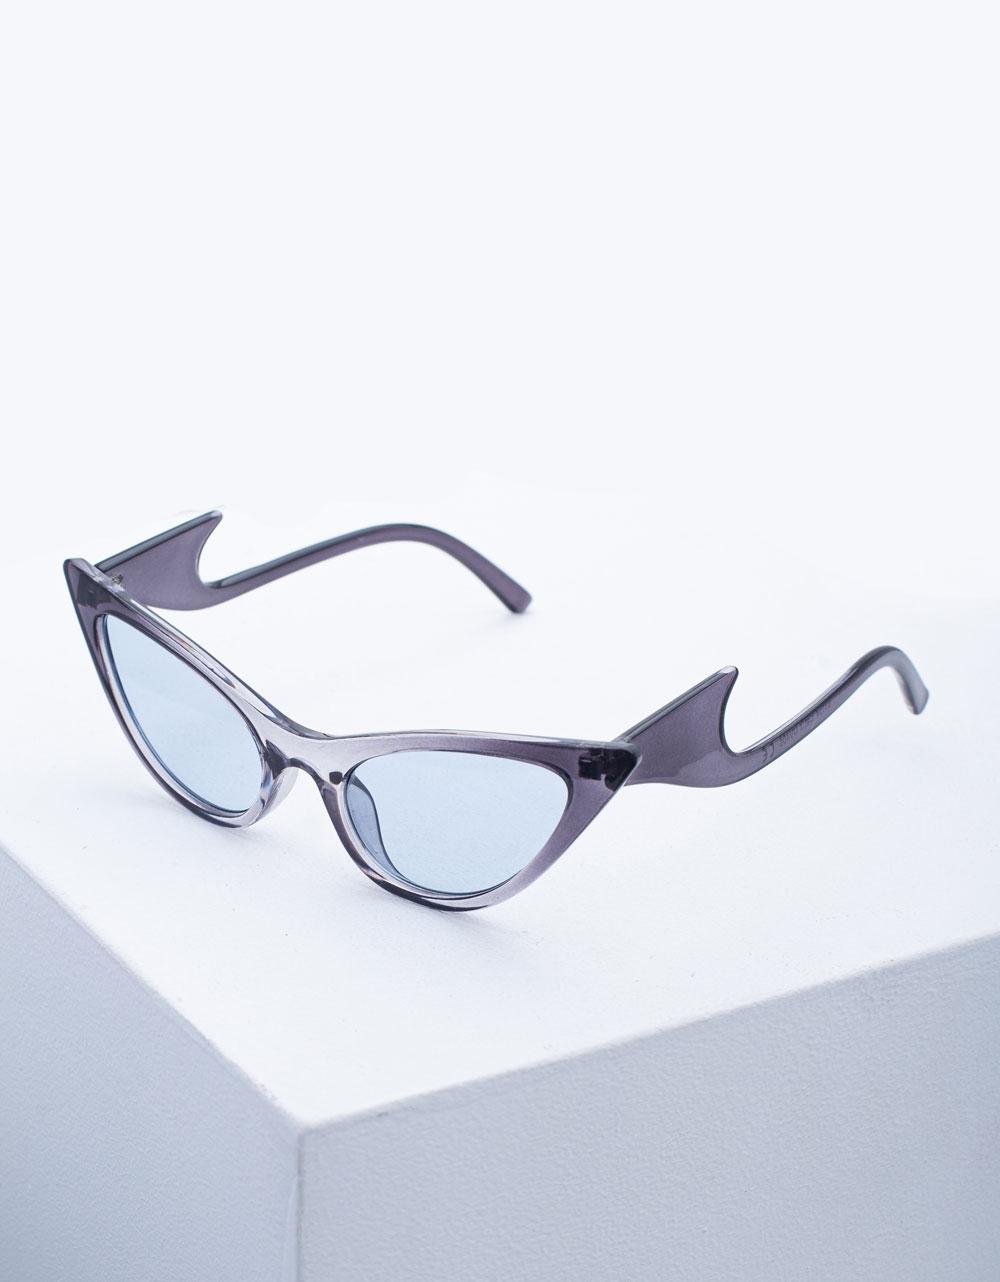 Εικόνα από Γυναικεία γυαλιά ηλίου με σχέδιο στο σκελετό Γκρι